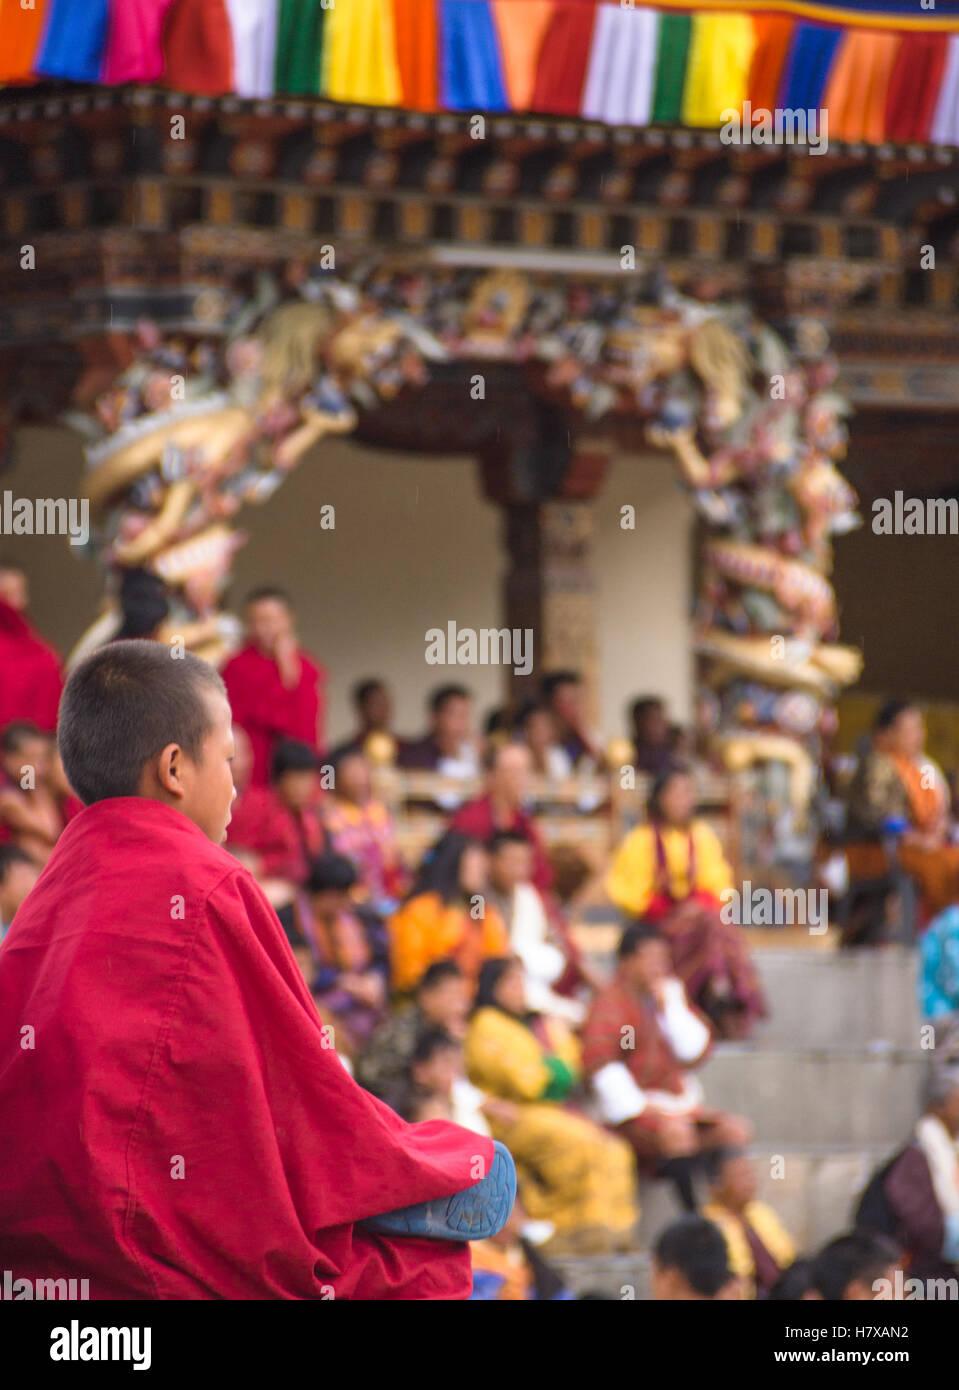 Jeune moine à tshechu Tashichho dzong à Thimphu, Bhoutan Photo Stock